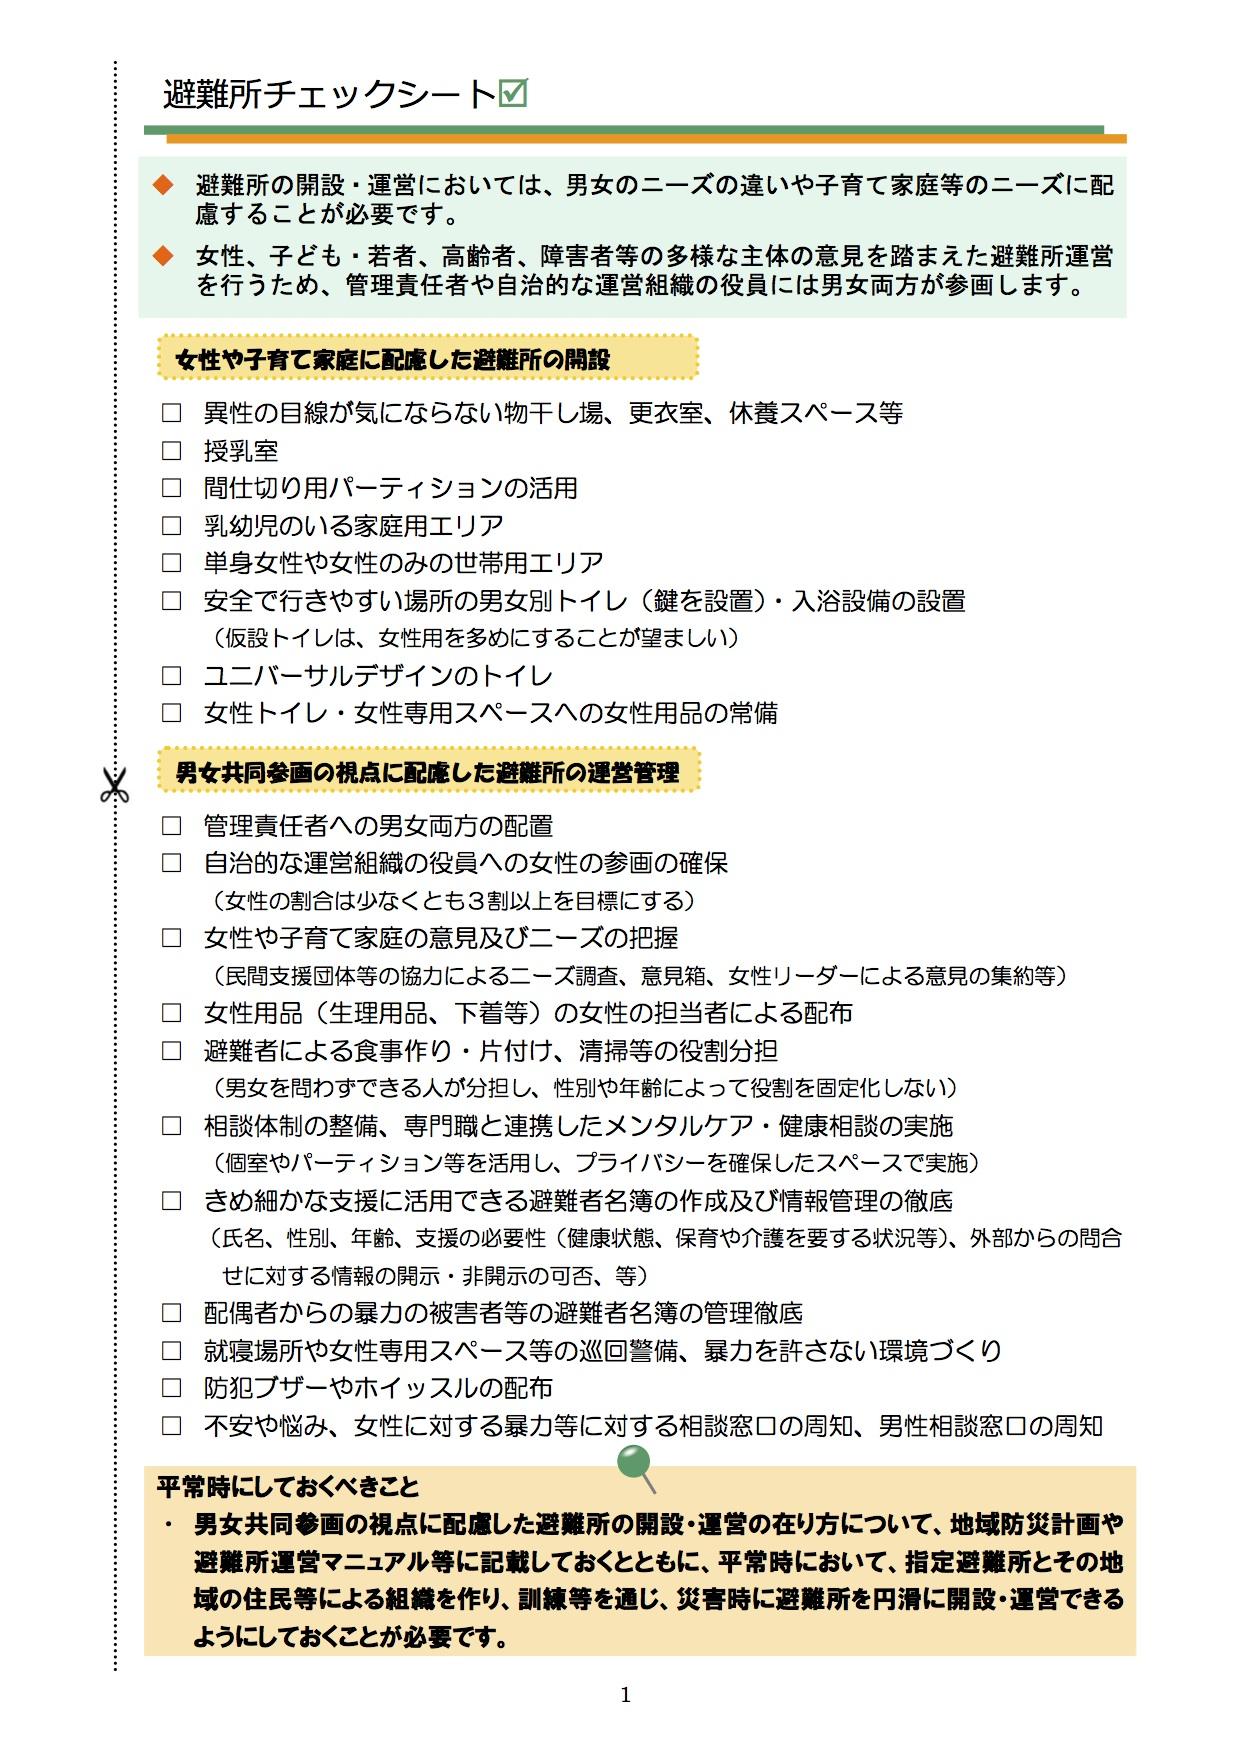 shishin_hinanjyo_checksheet